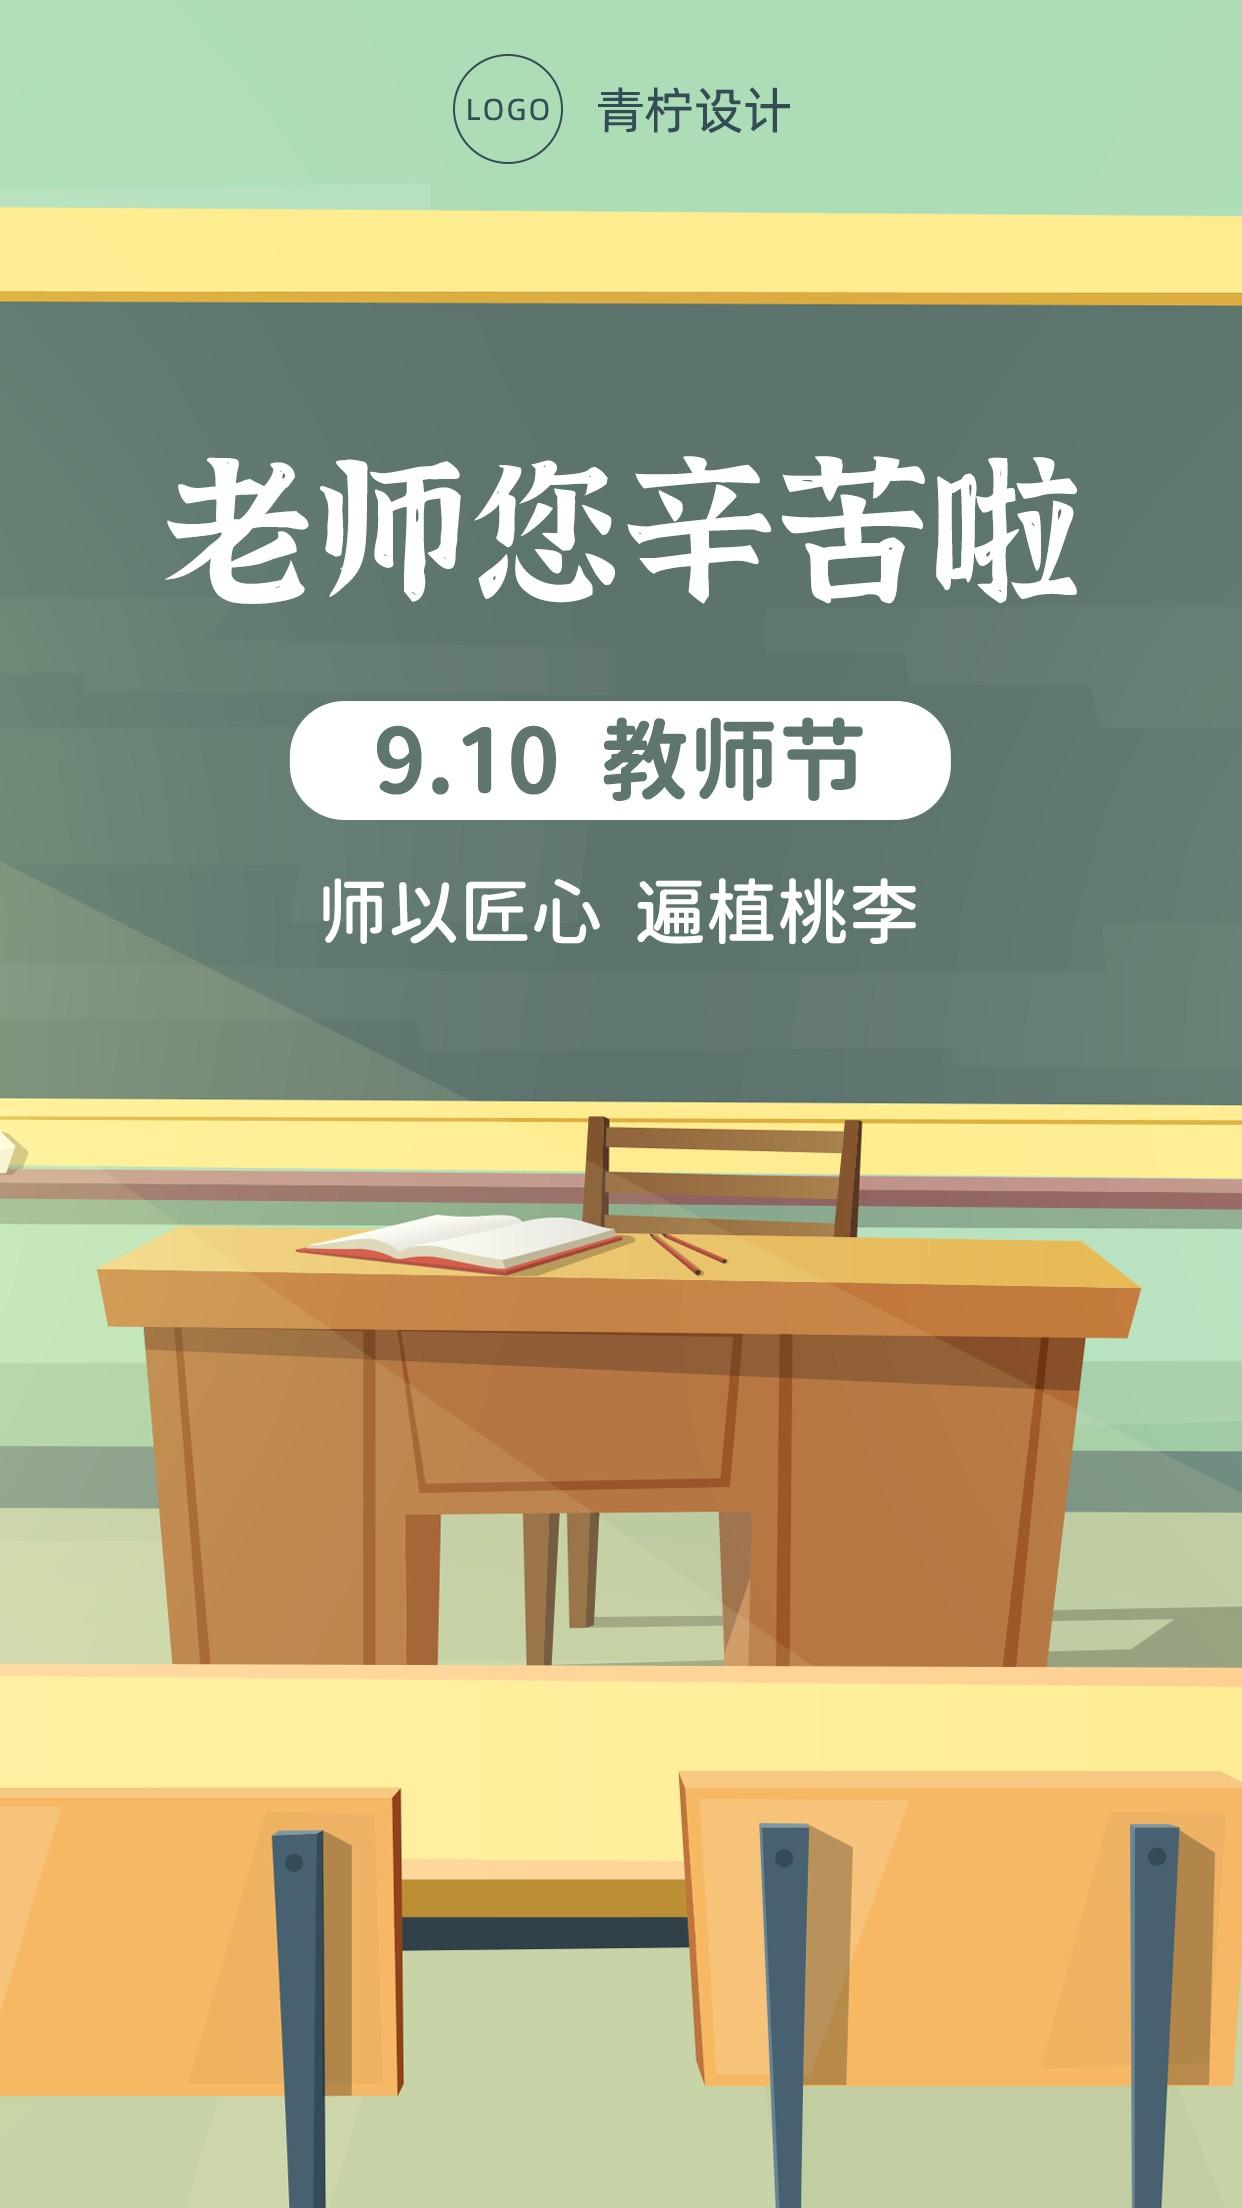 扁平教育培训教师节手机海报